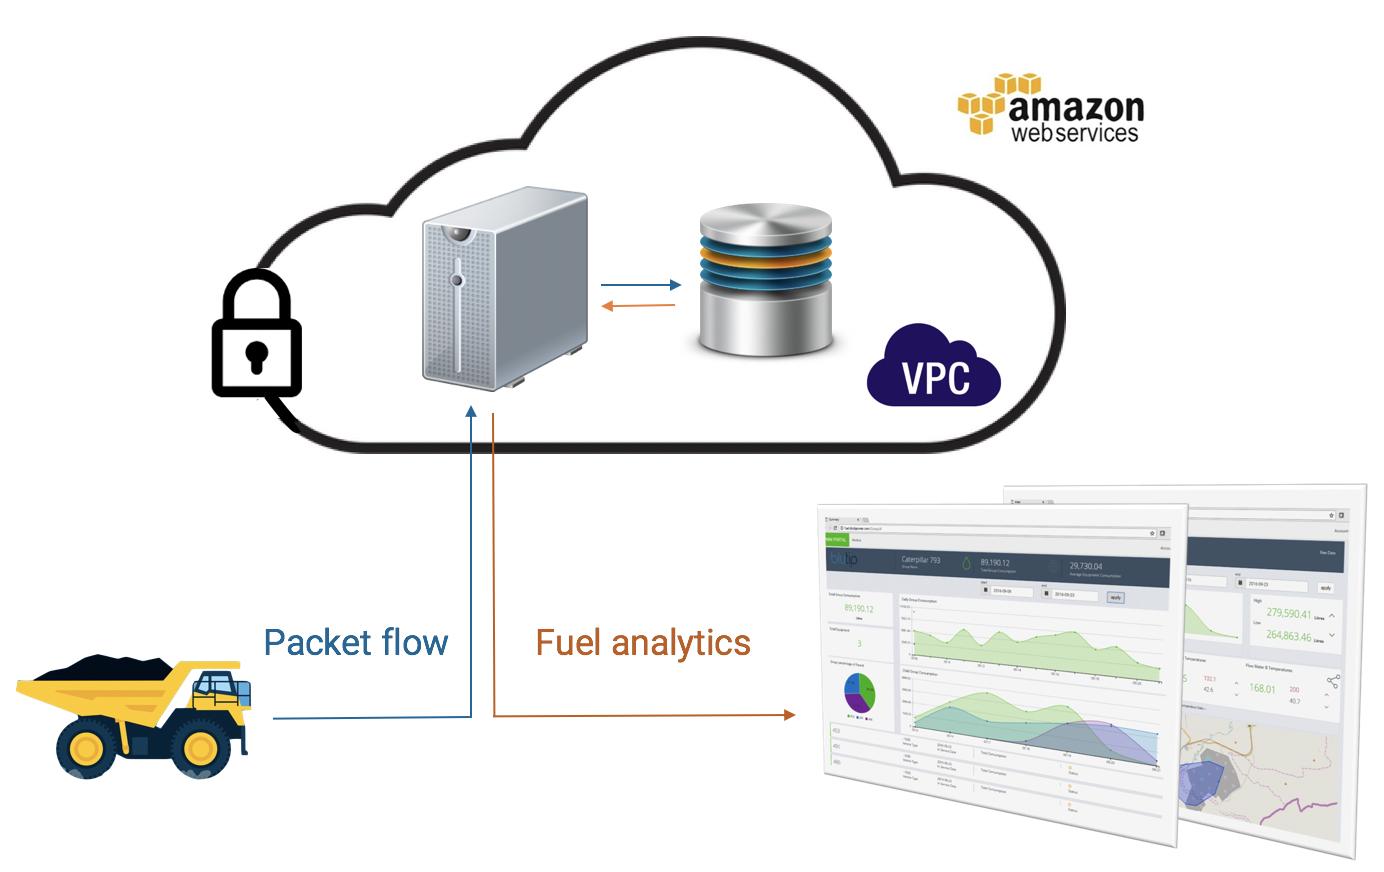 Blutip SmartRView data flow haul truck